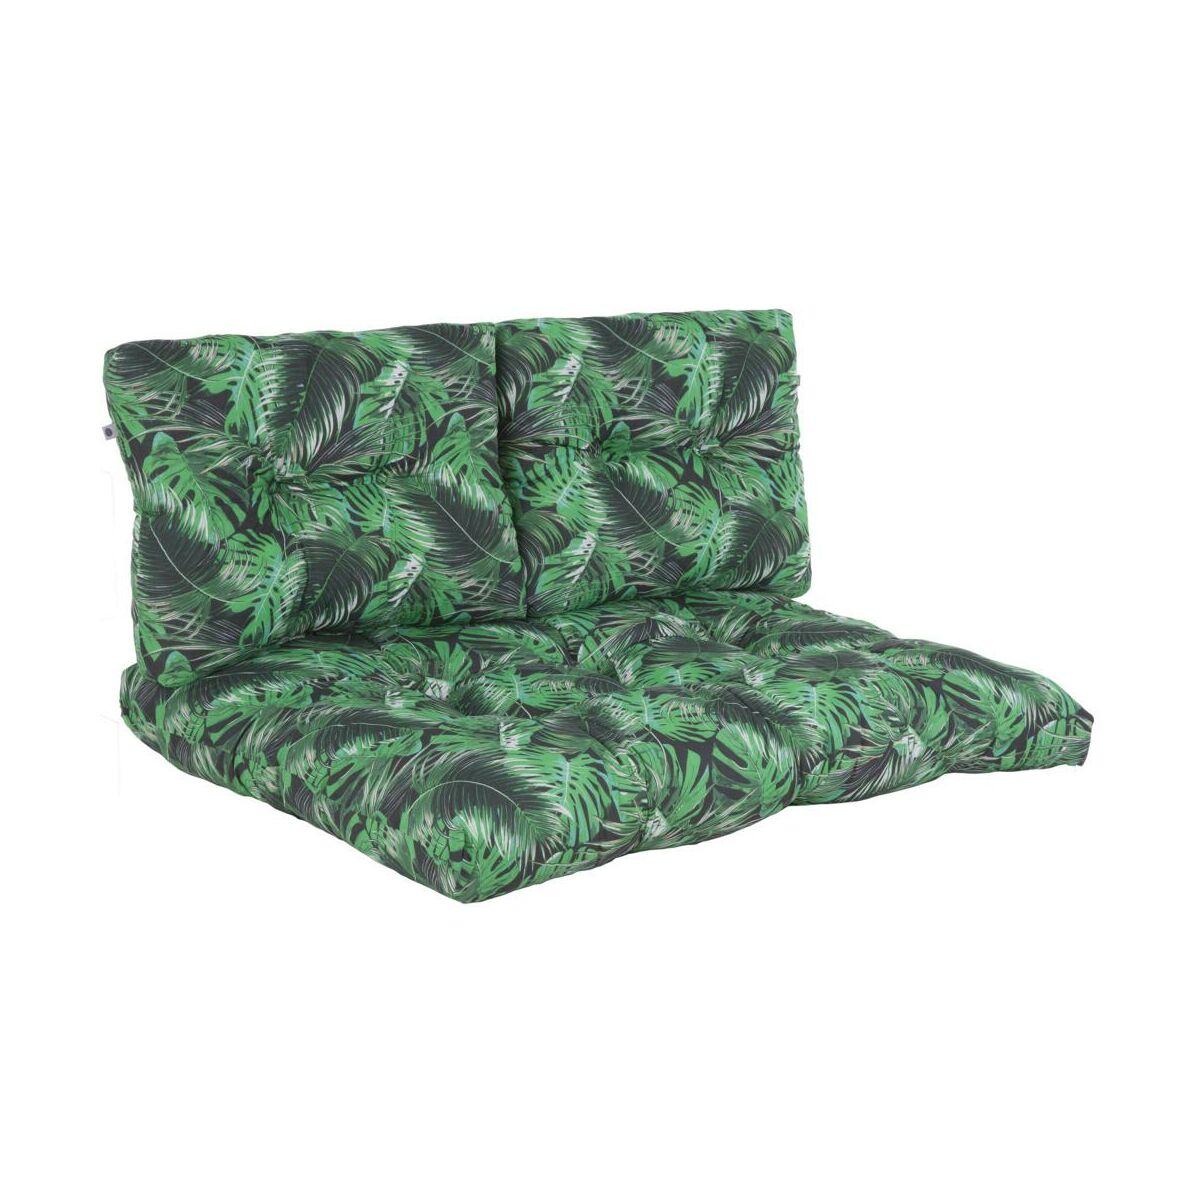 Poduszki Na Meble Z Palet 80 X 120 X 12 Cm Termi Monstera Patio Poduszki Na Meble Ogrodowe W Atrakcyjnej Cenie W Sklepach Leroy Merlin